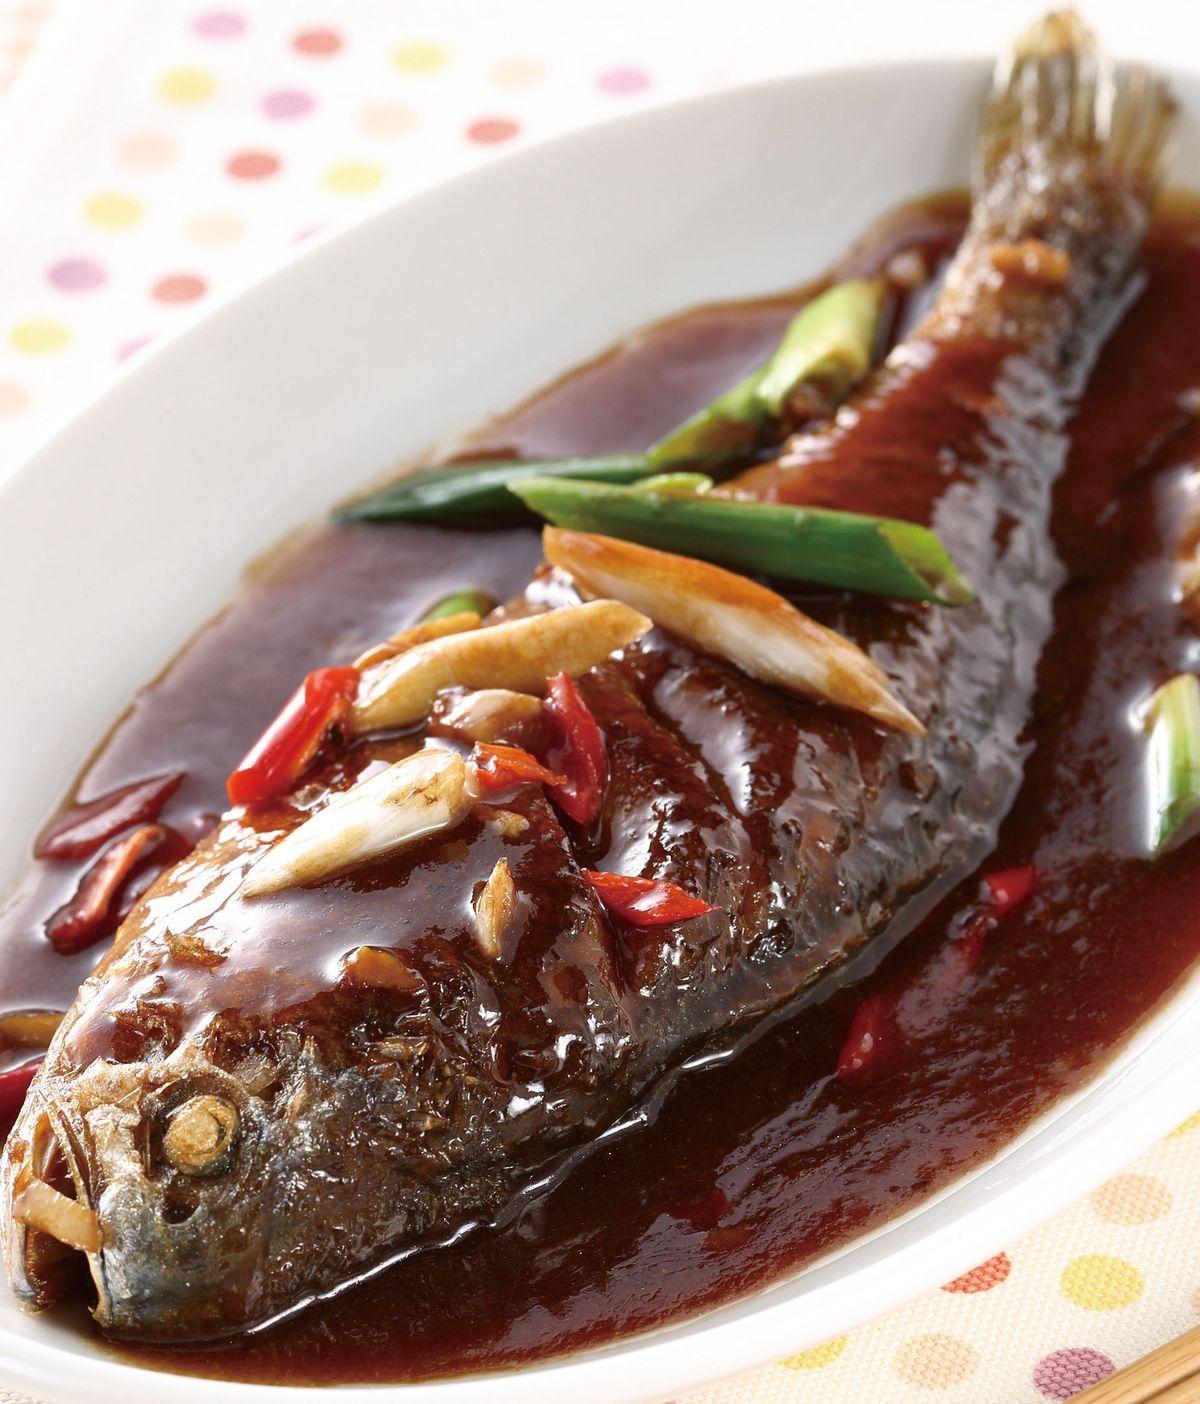 食譜:烏醋燒魚